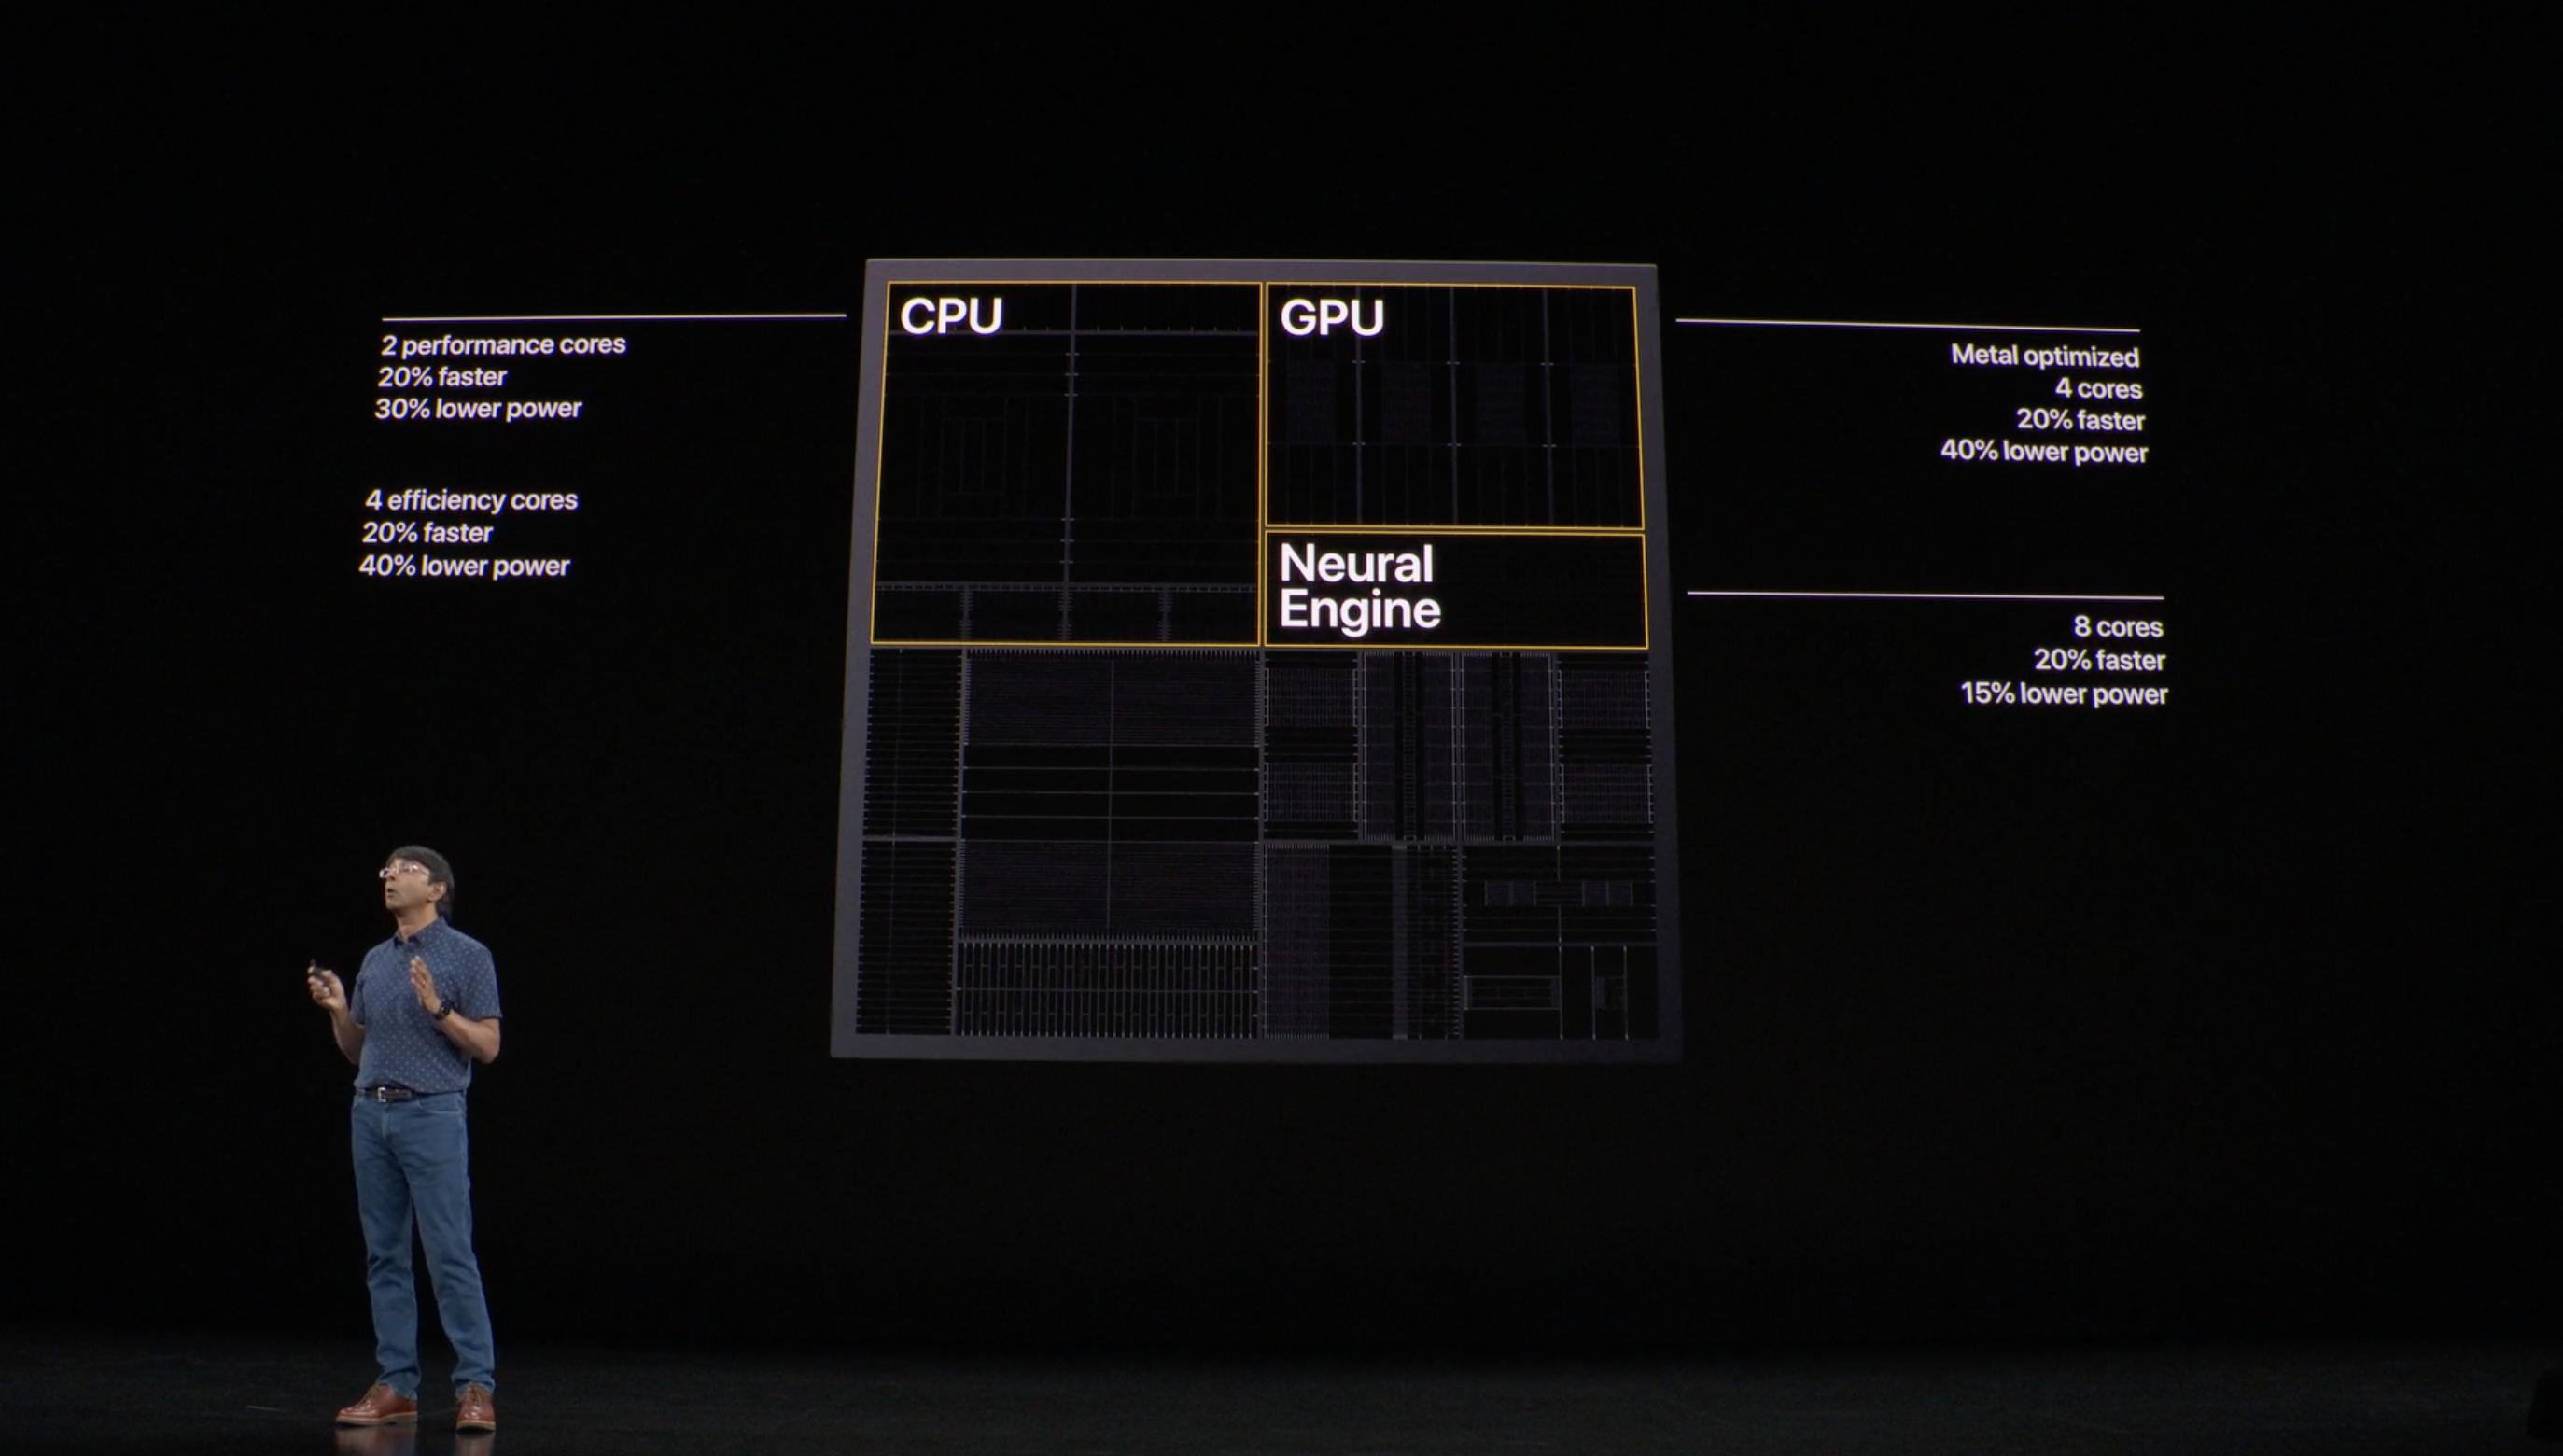 Keynote Septiembre 2019: CPU A13